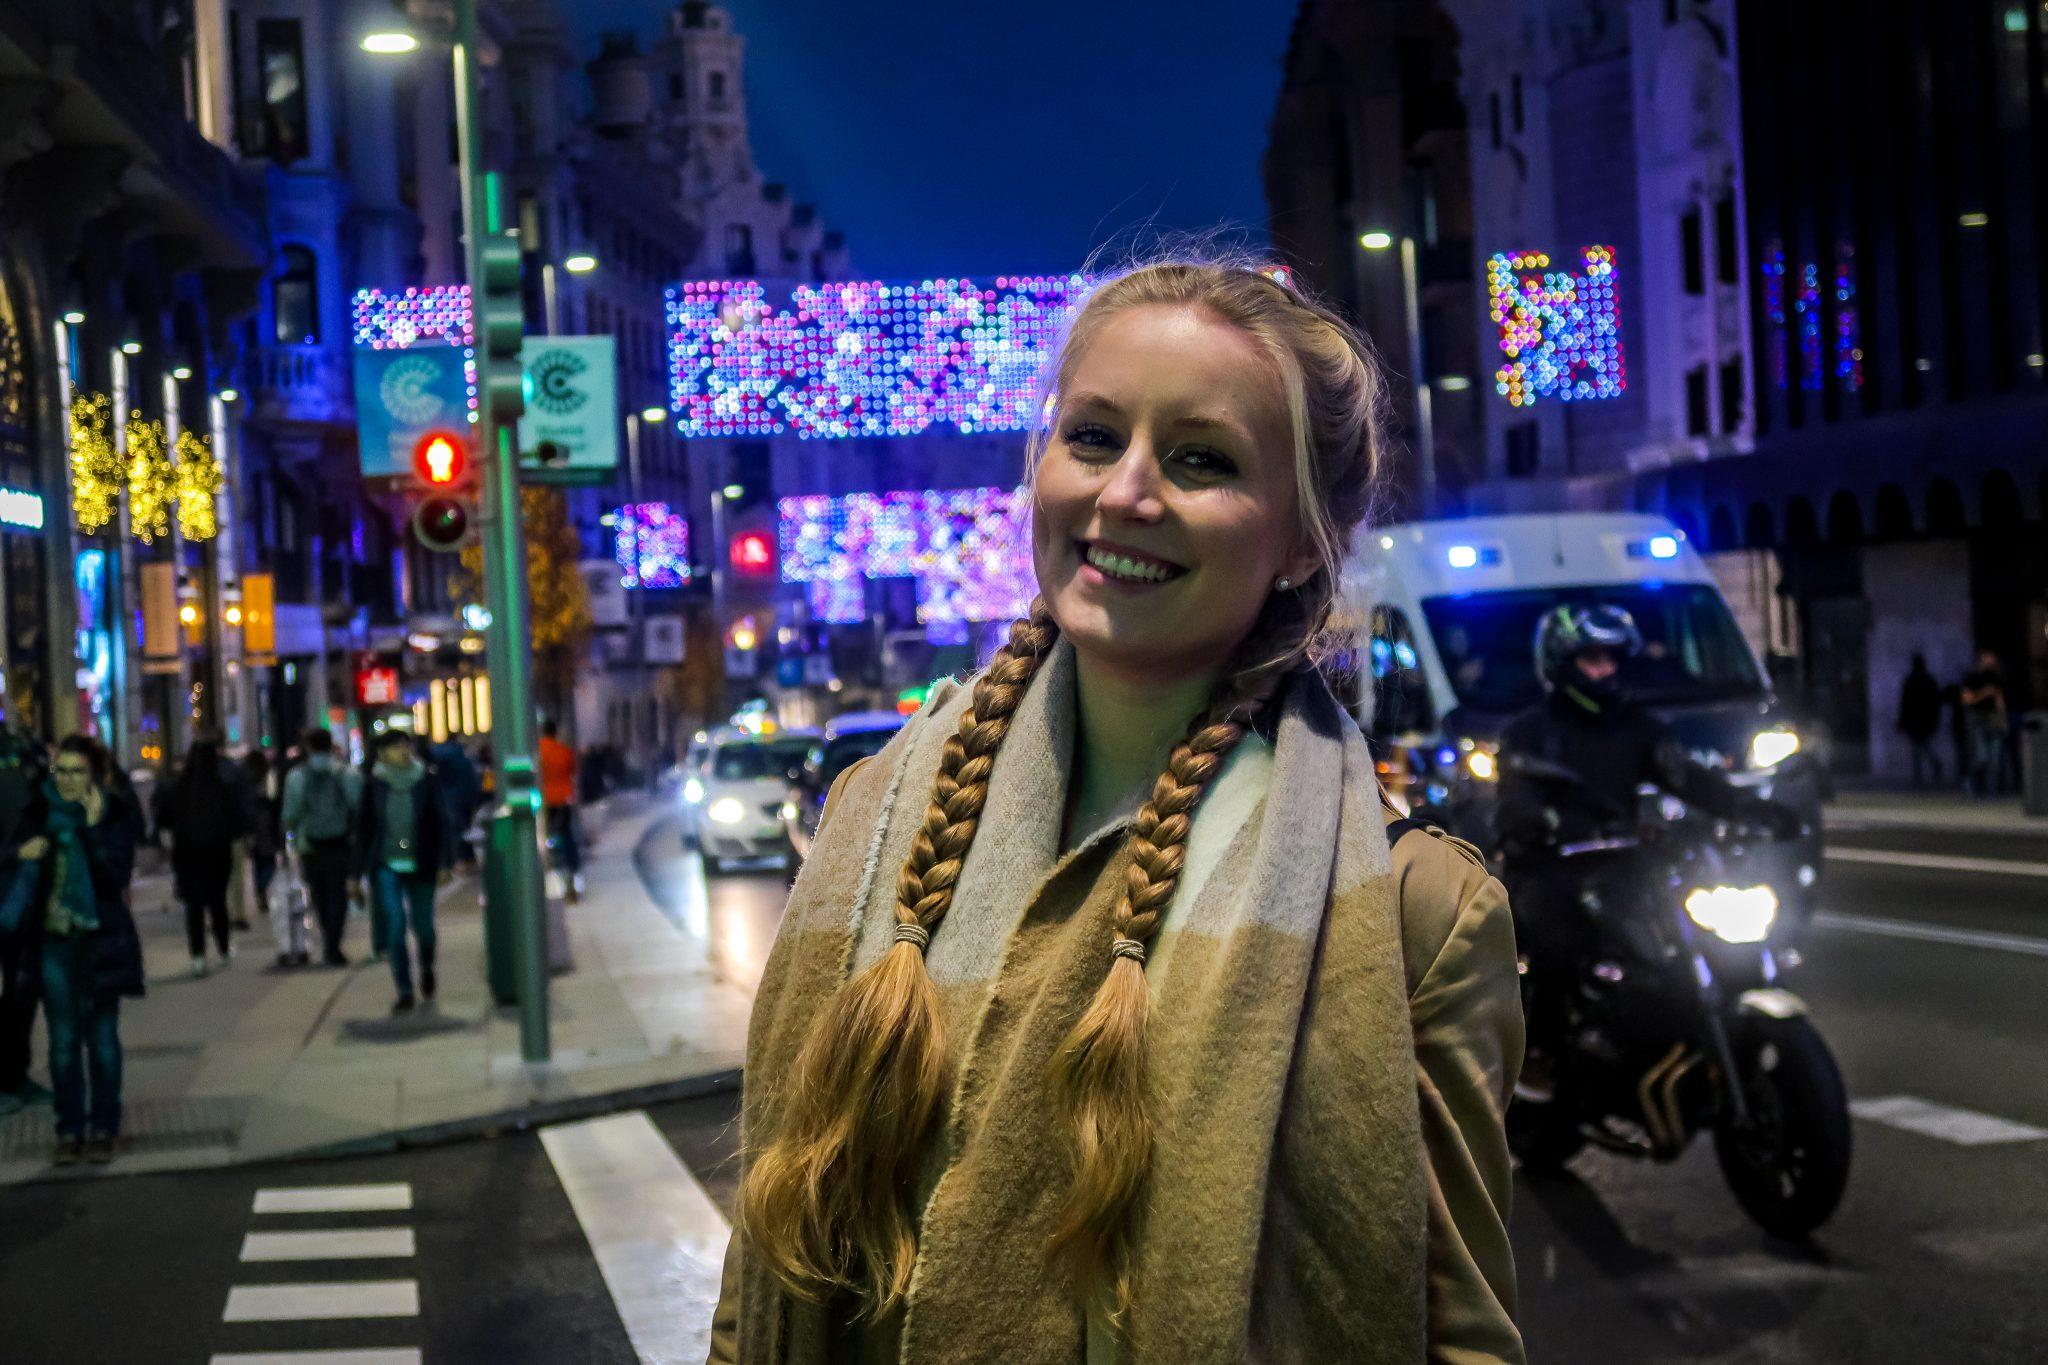 Zur Weihnachtszeit schmückt sich die Stadt besonders heraus und du kannst an allen wichtigen Straßen und Sehenswürdigkeiten eine wunderschöne Weihnachtsbeleuchtung vorfinden.